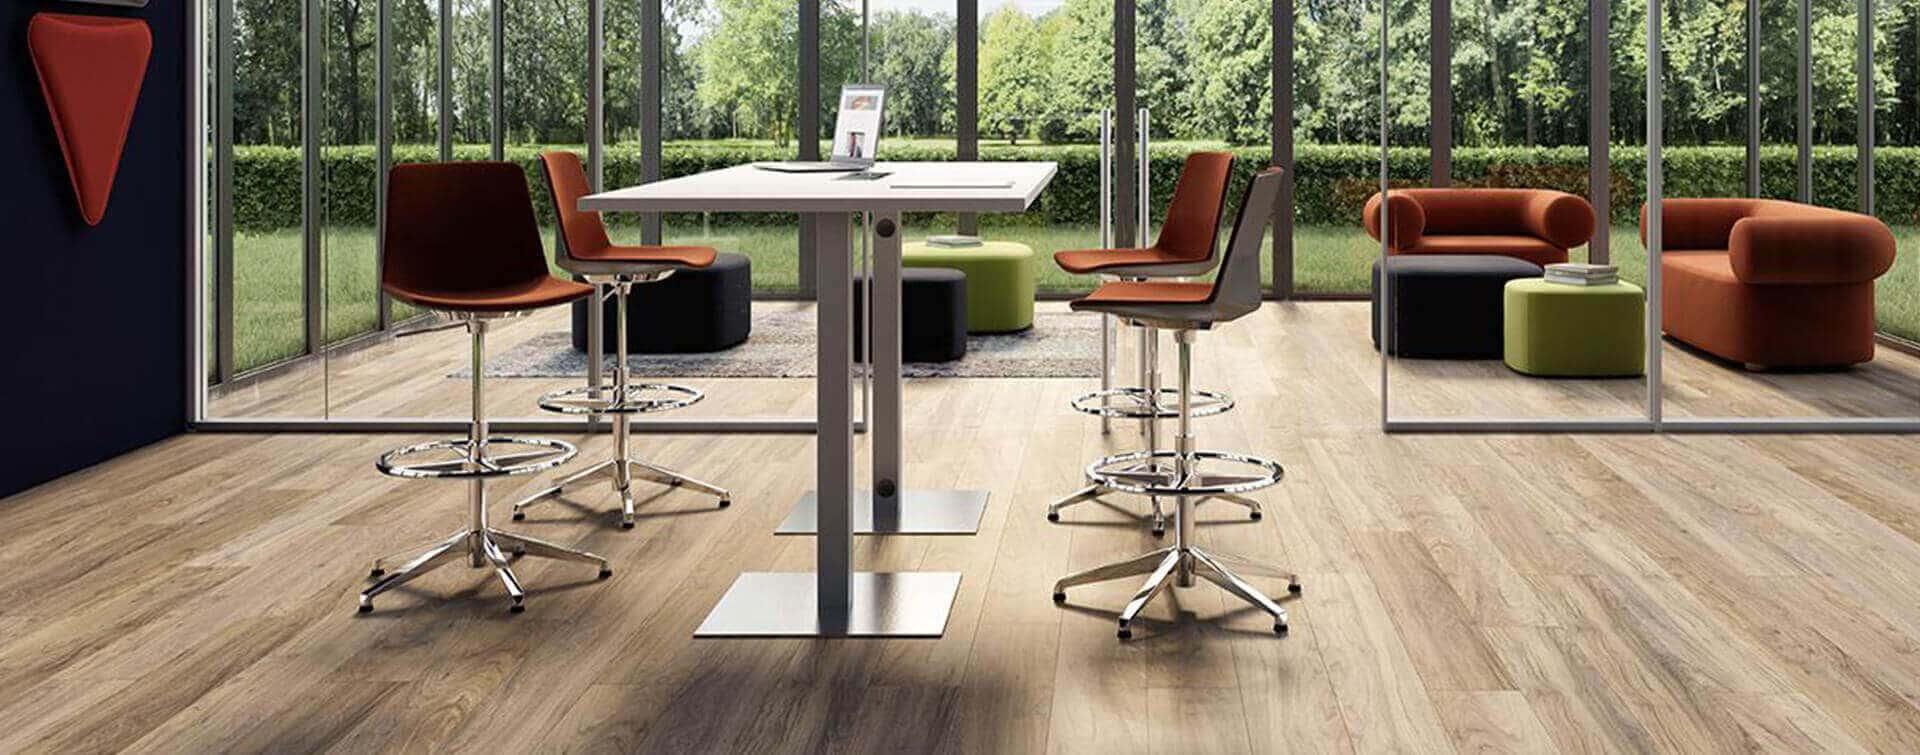 Ambiente productivo oficina, beneficio empresa